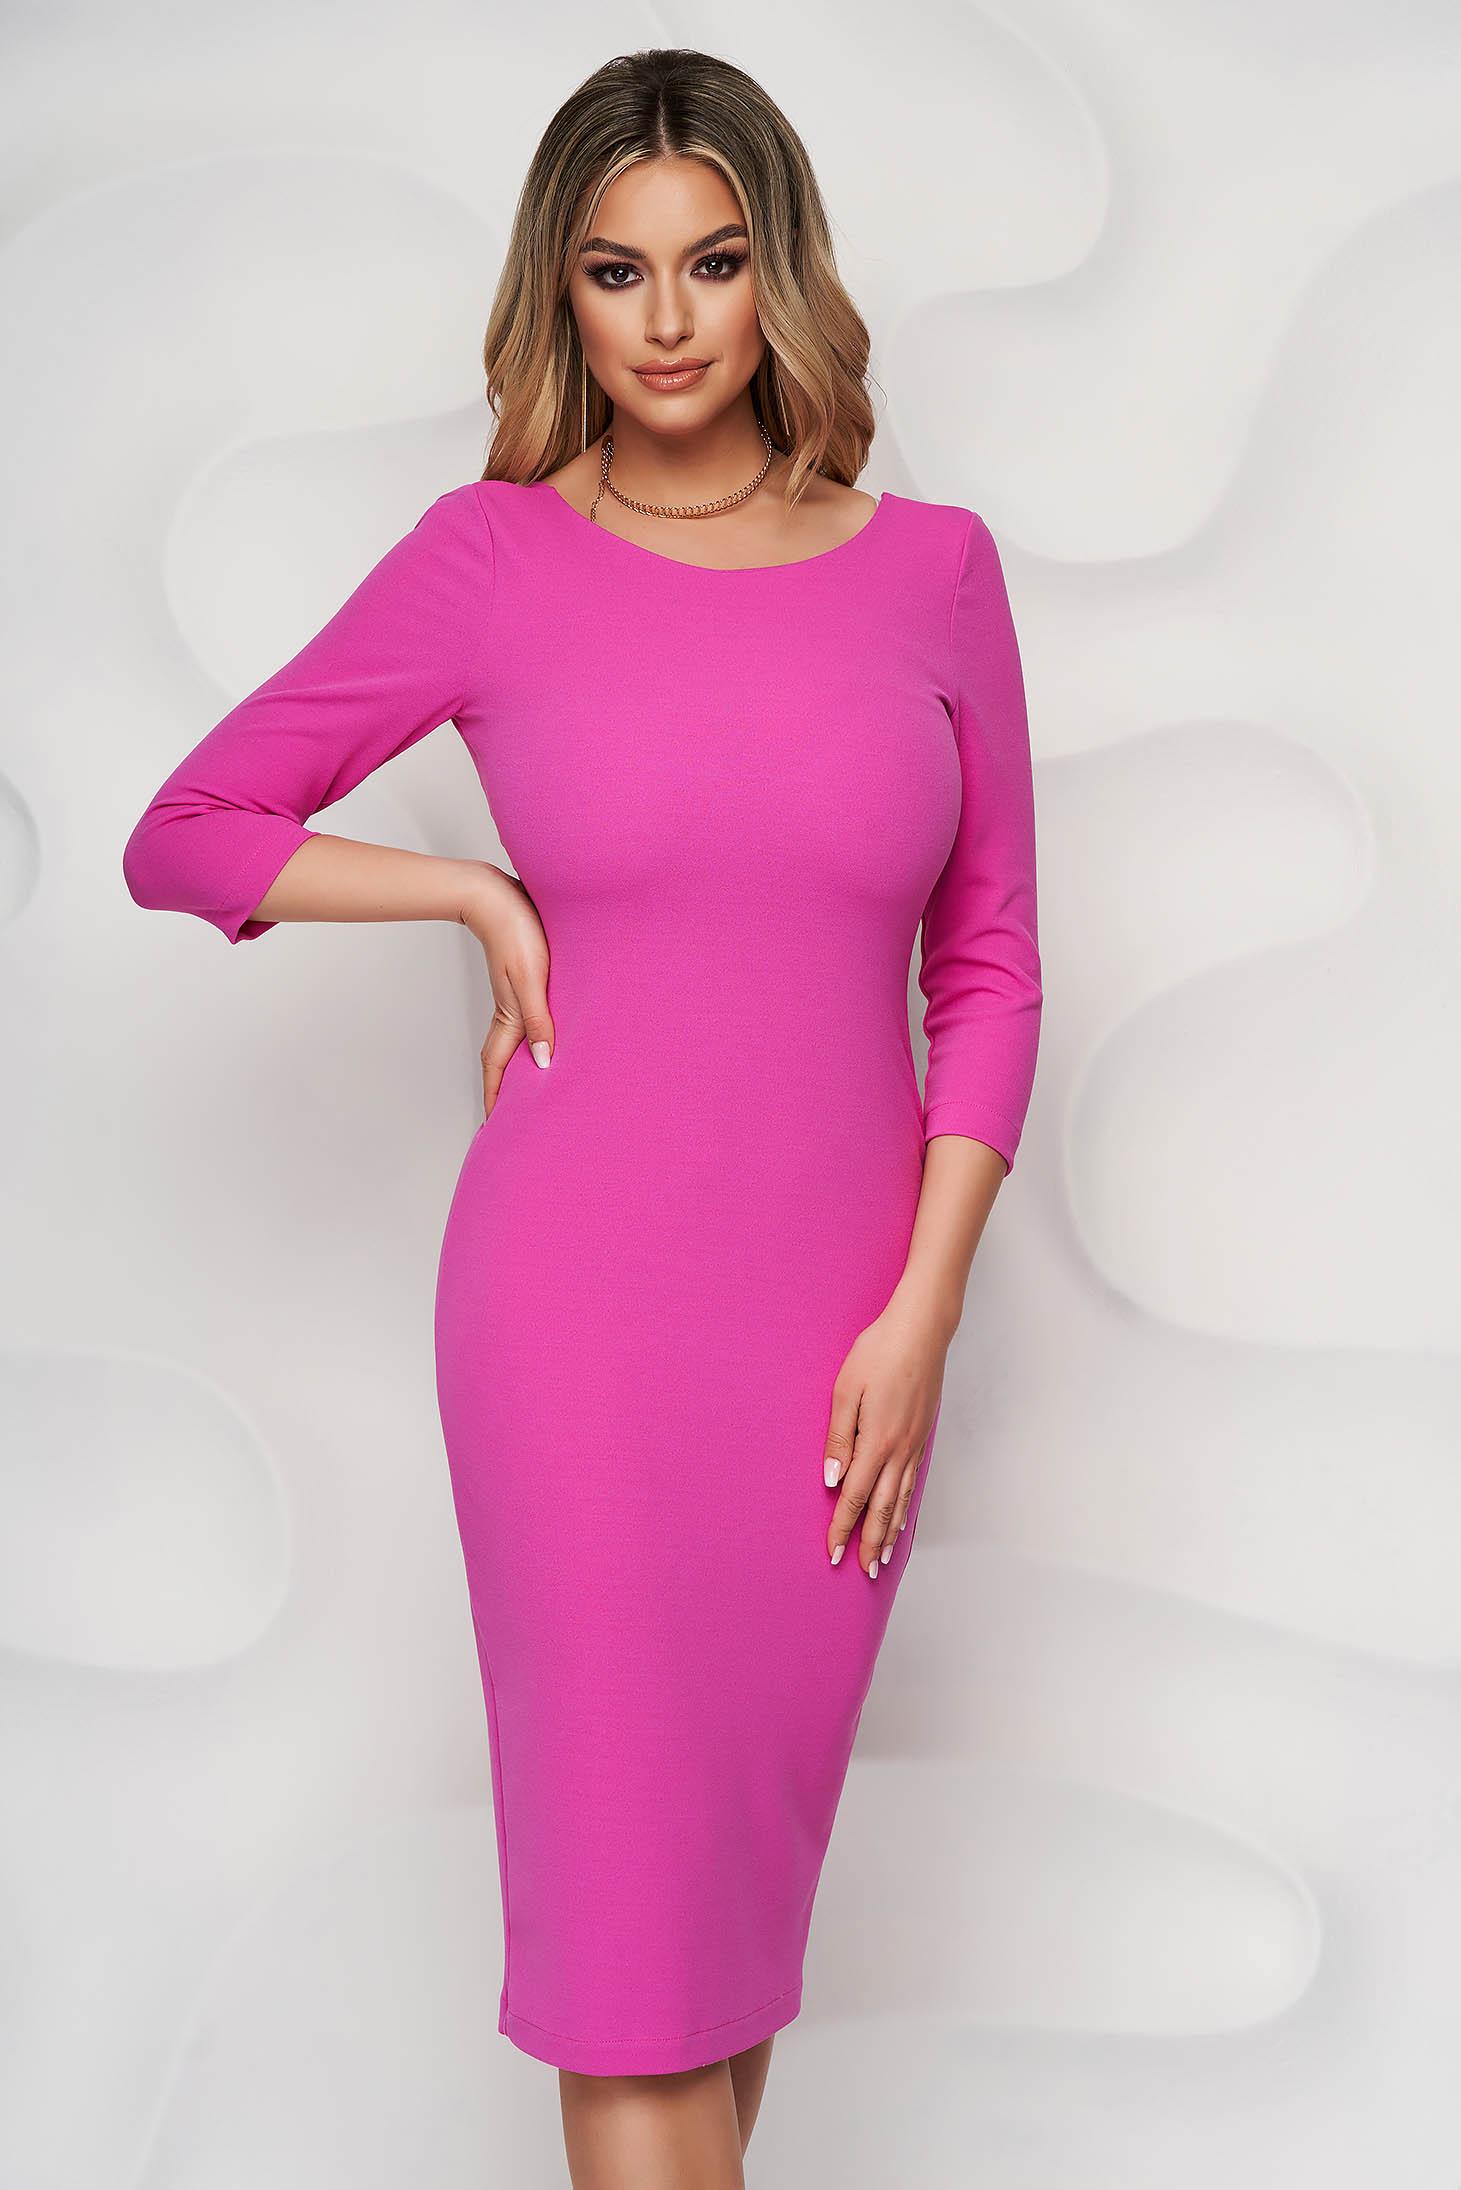 Dress elegant midi StarShinerS pink pencil bare back